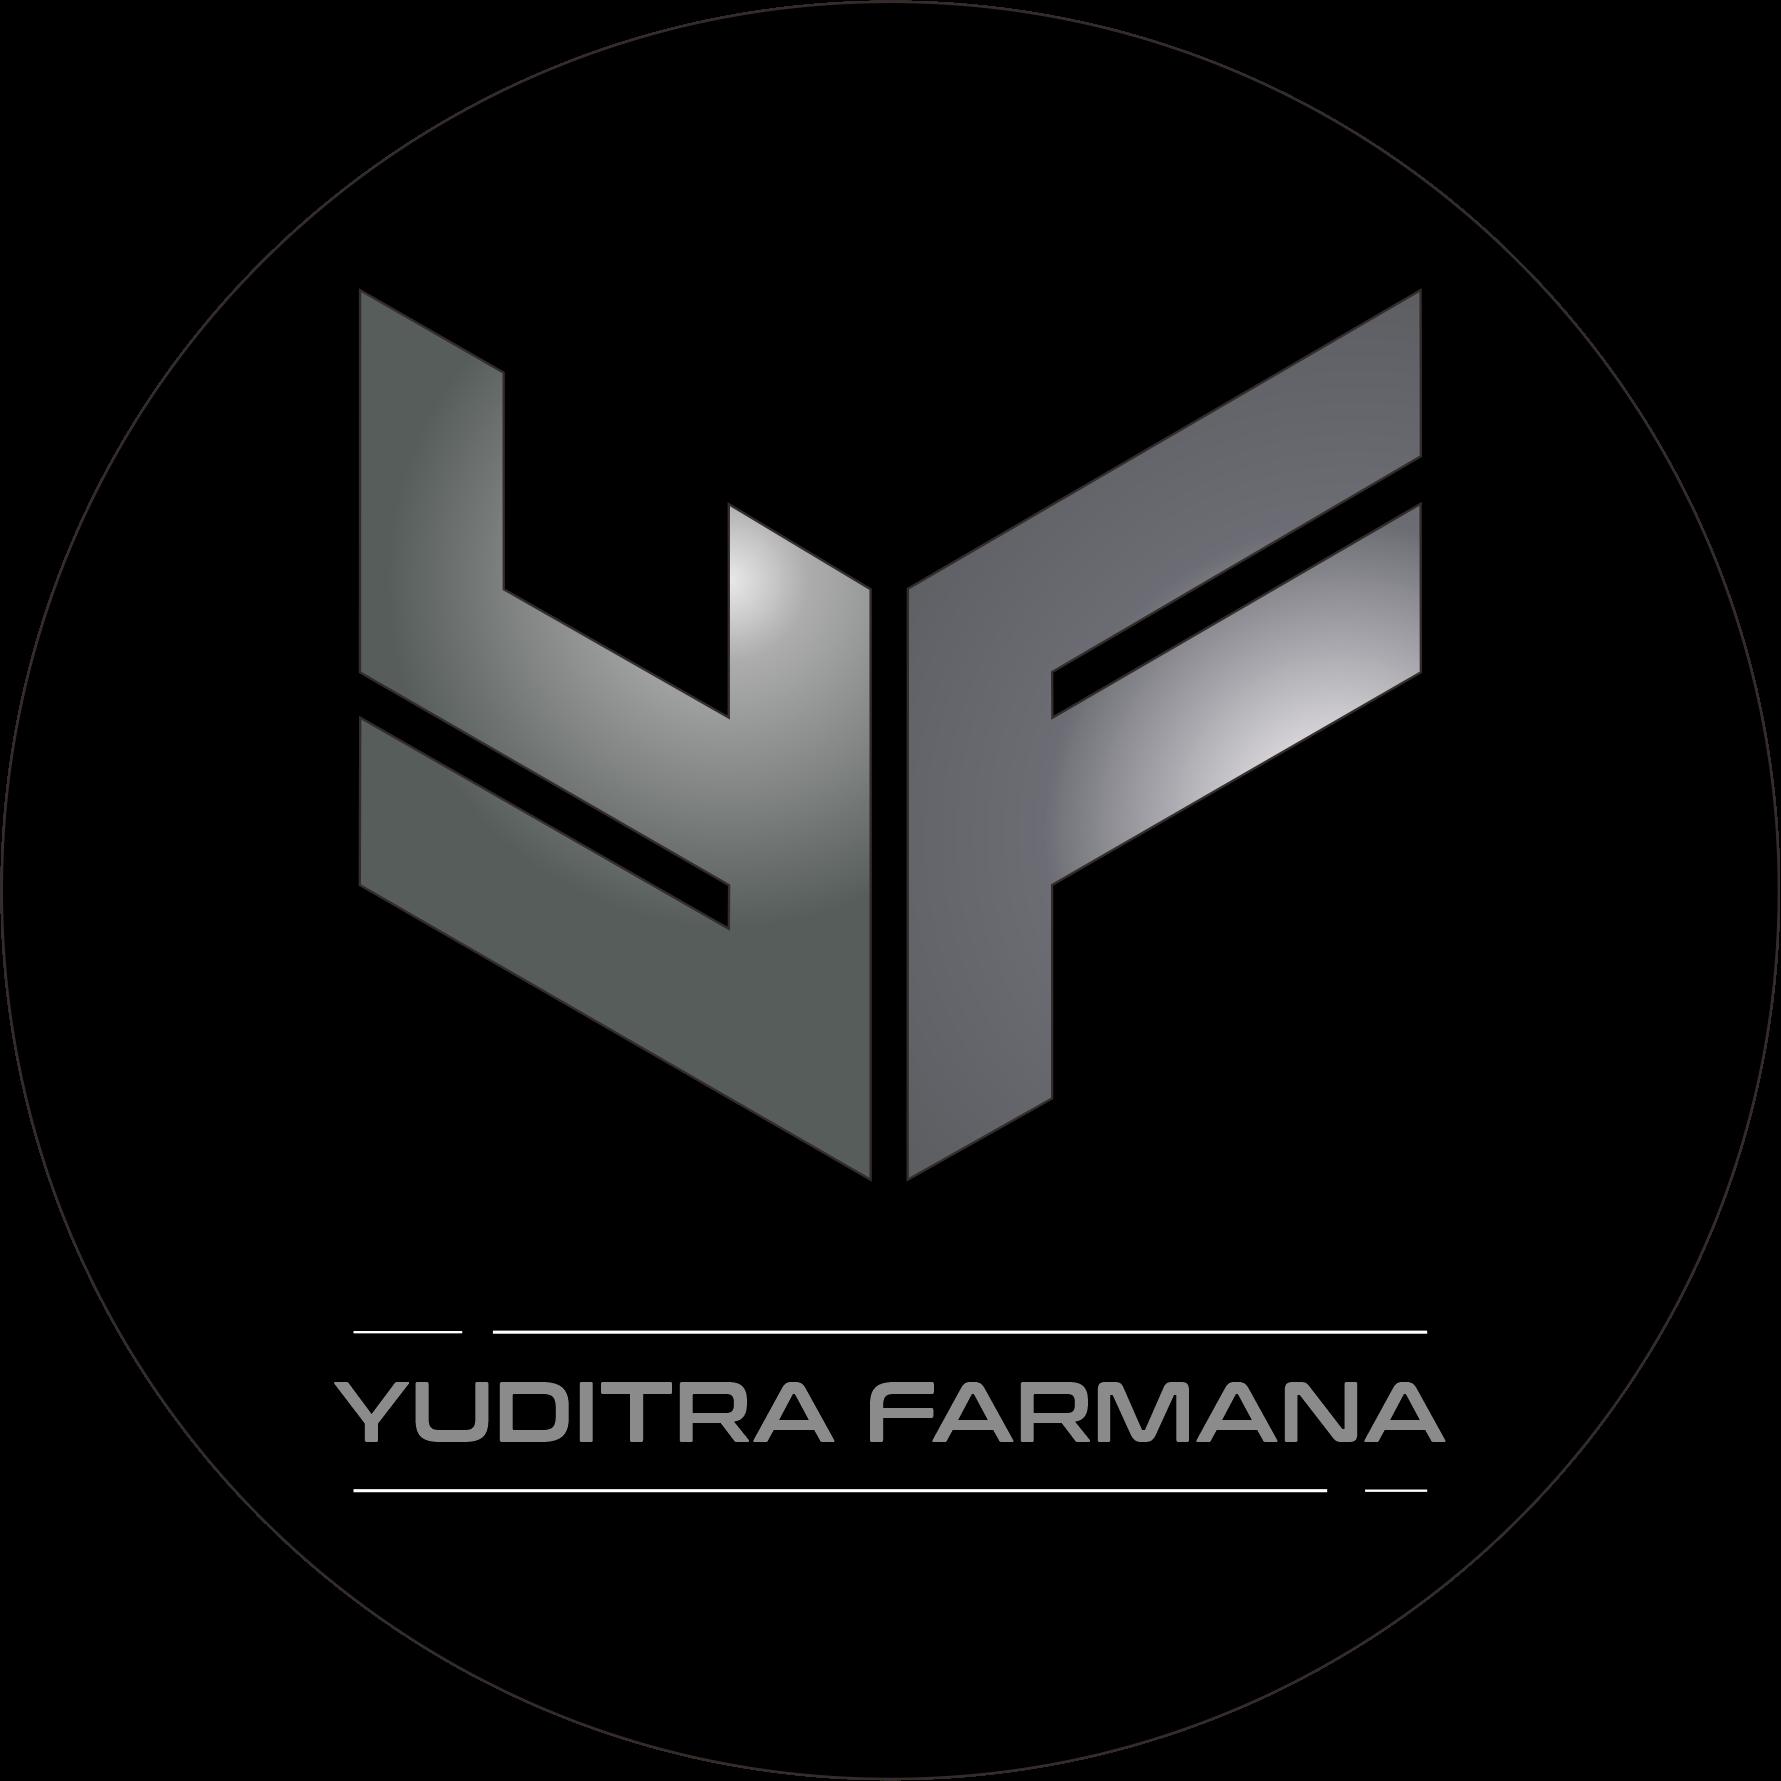 Yuditra Farmana